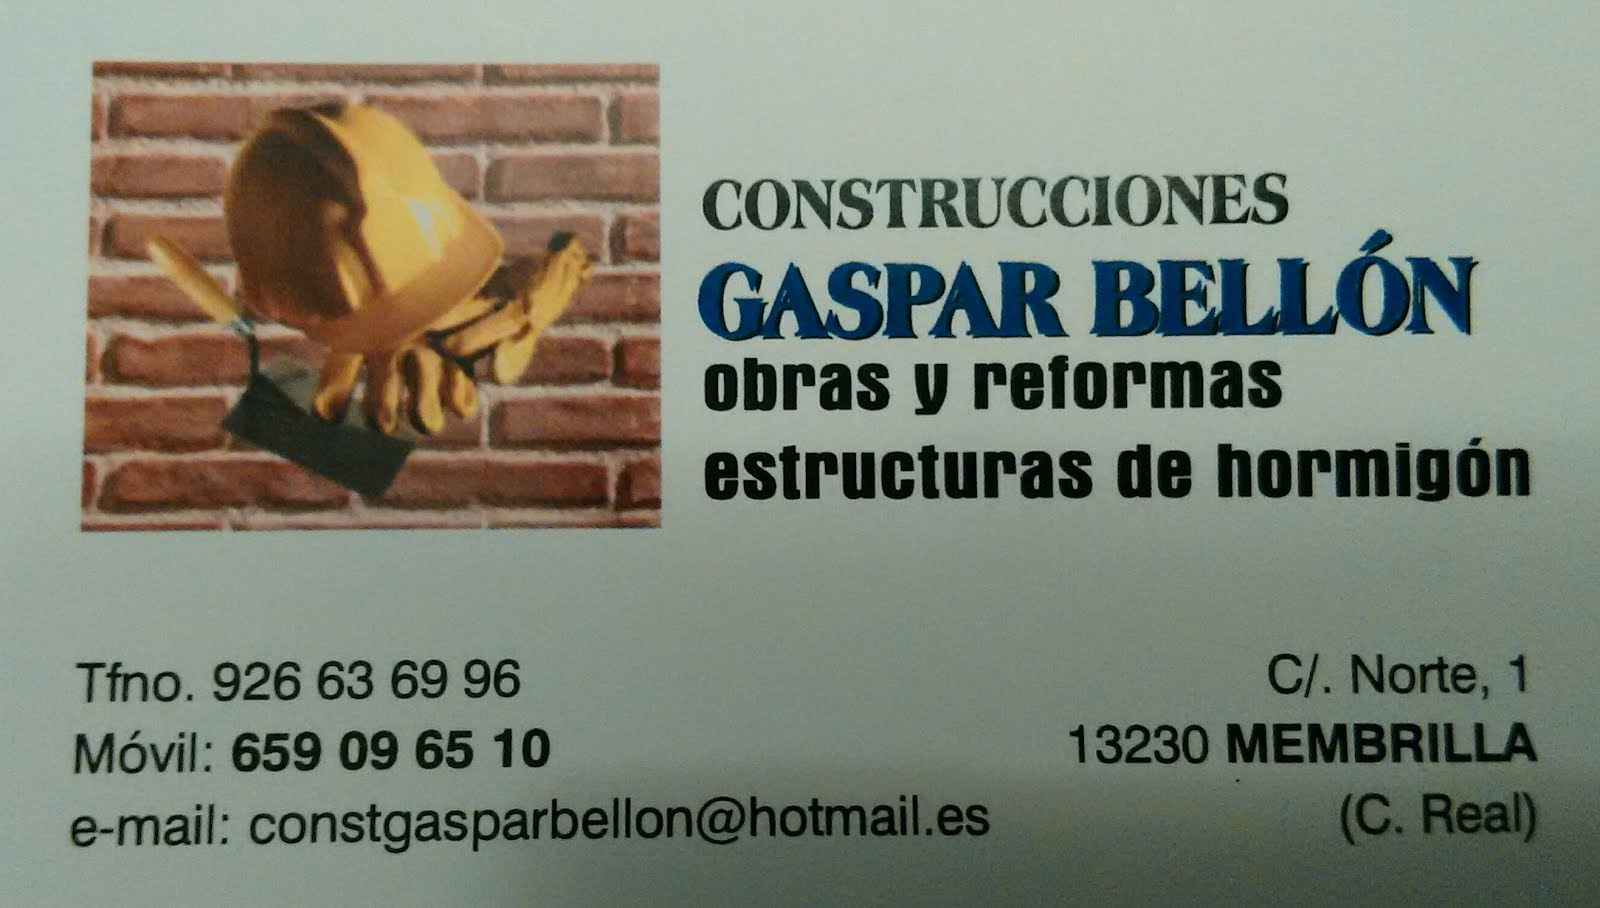 CONSTRUCCIONES GASPAR BELLÓN